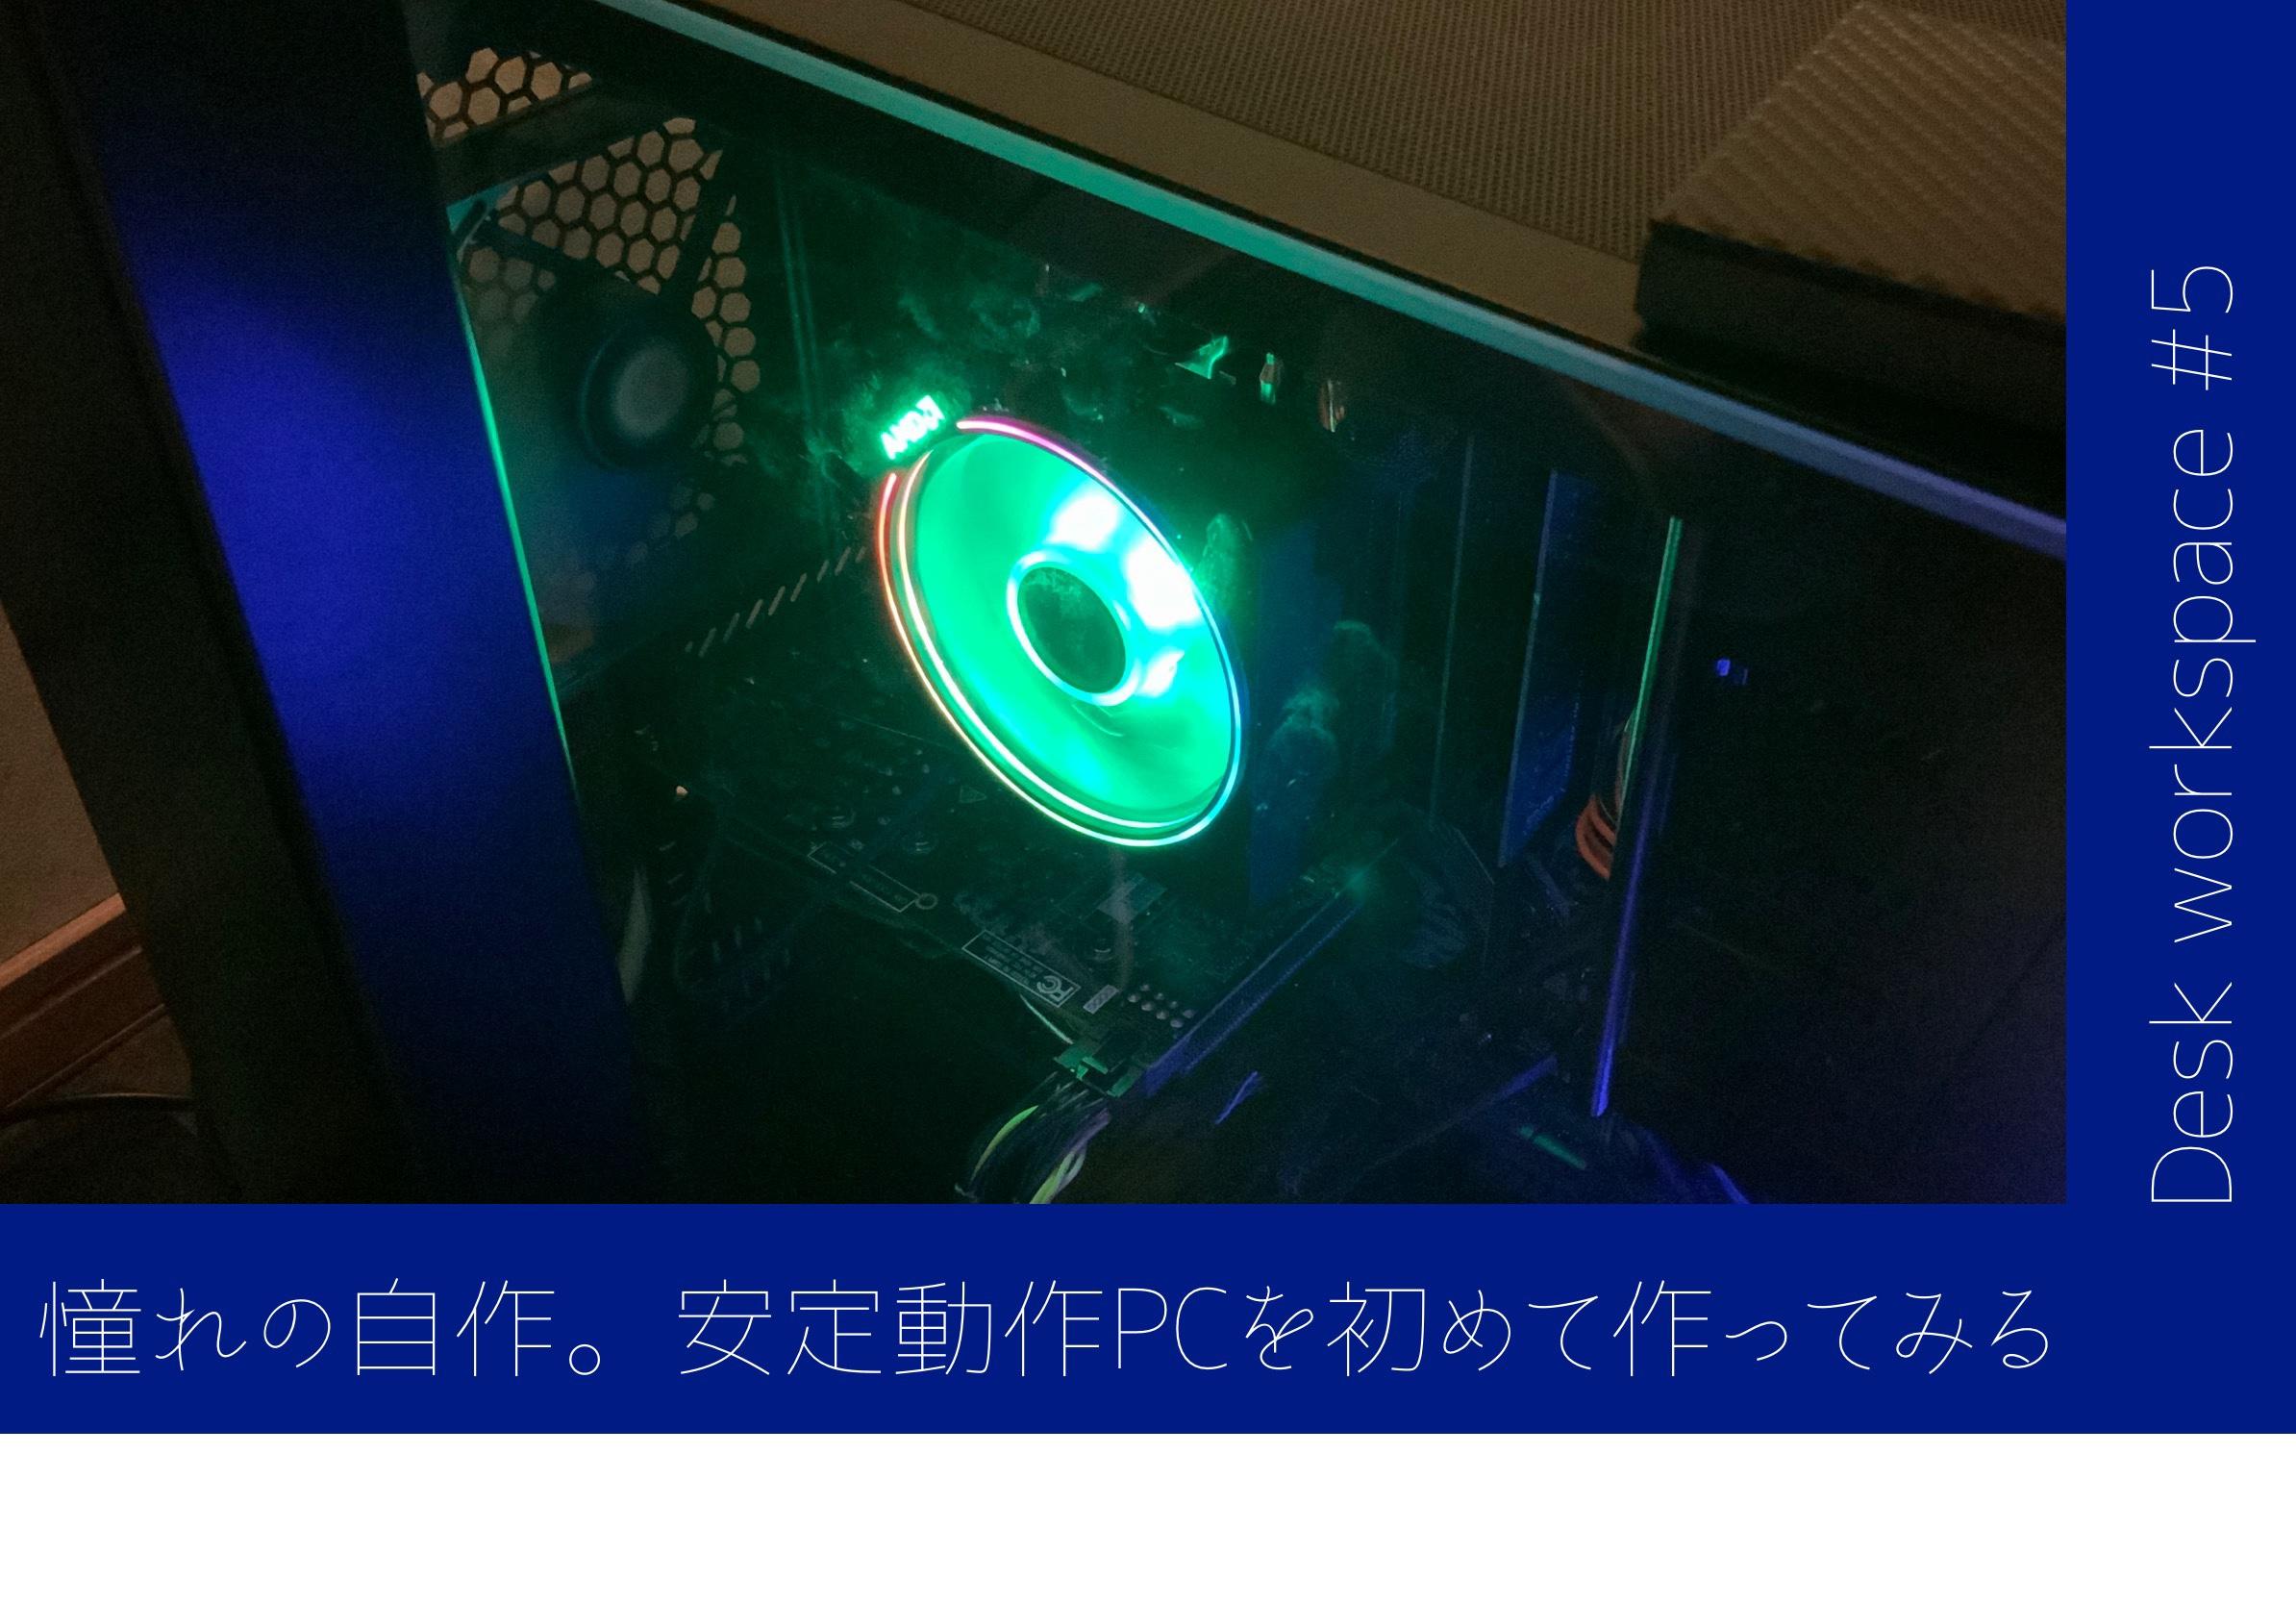 【デスク作業環境 #5】自作PC初心者がRyzen 7 3700XではじめてPCを作ってみる。